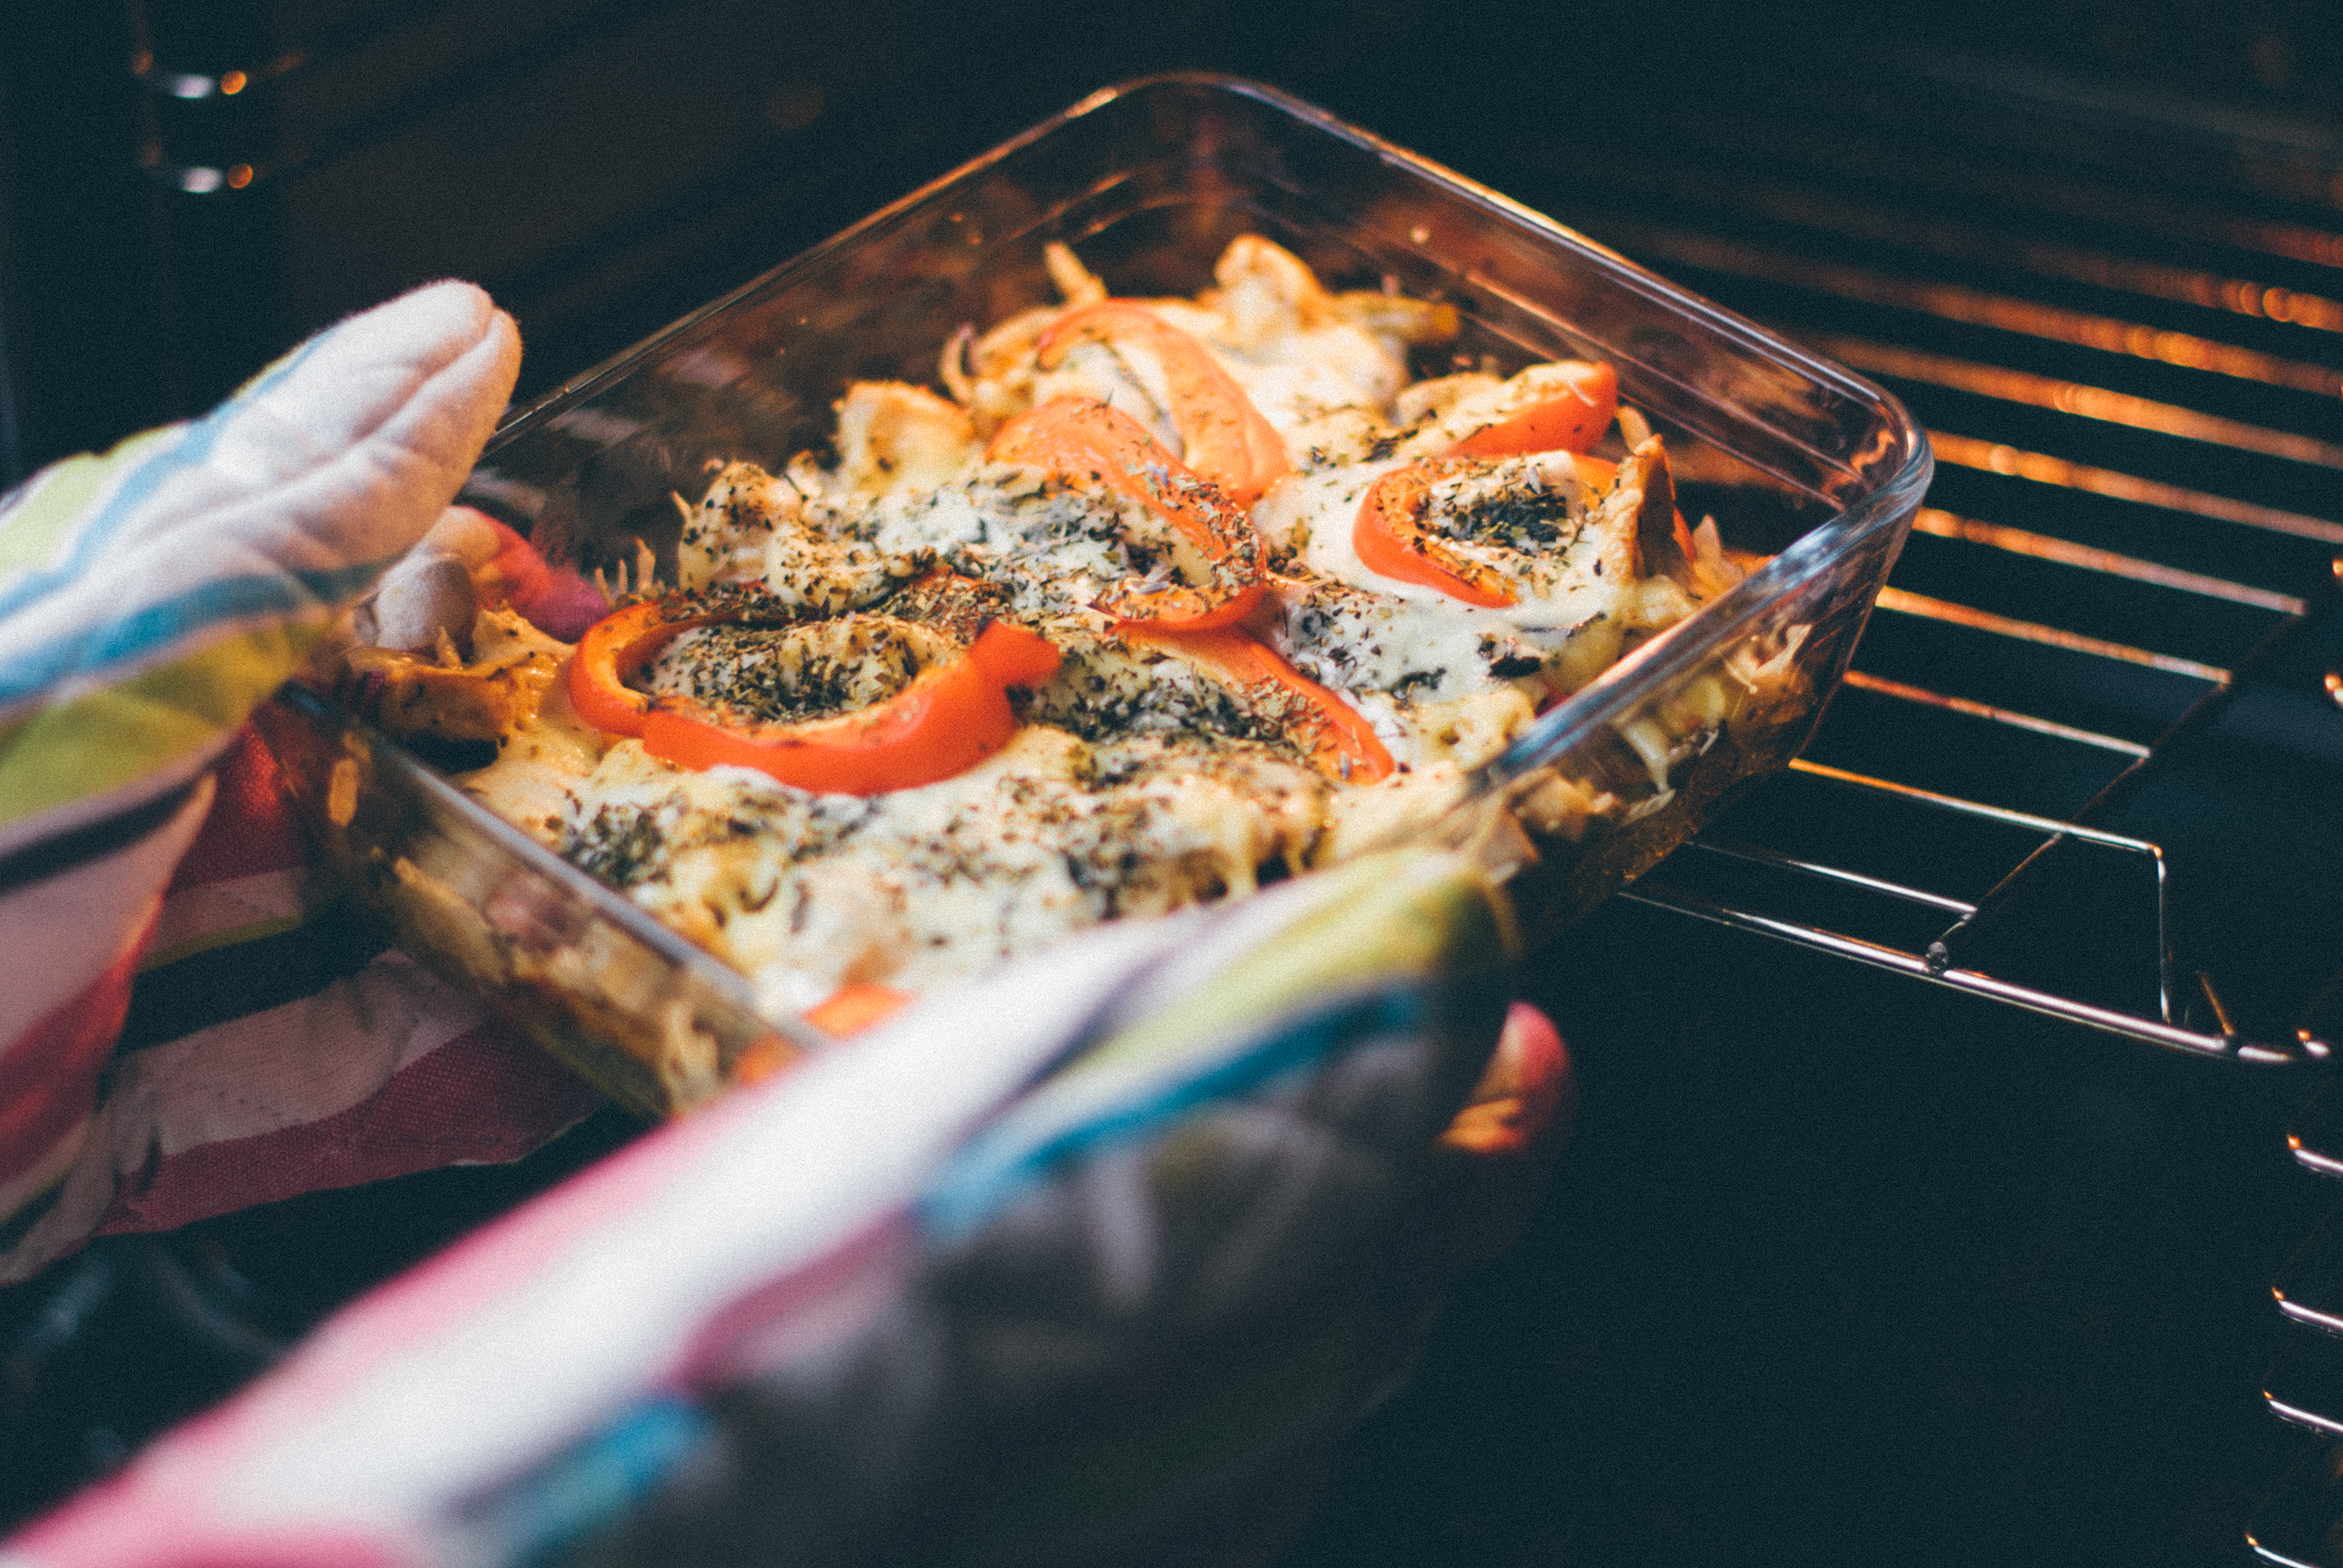 Koken met de beste apparatuur van Het Keukenhuis